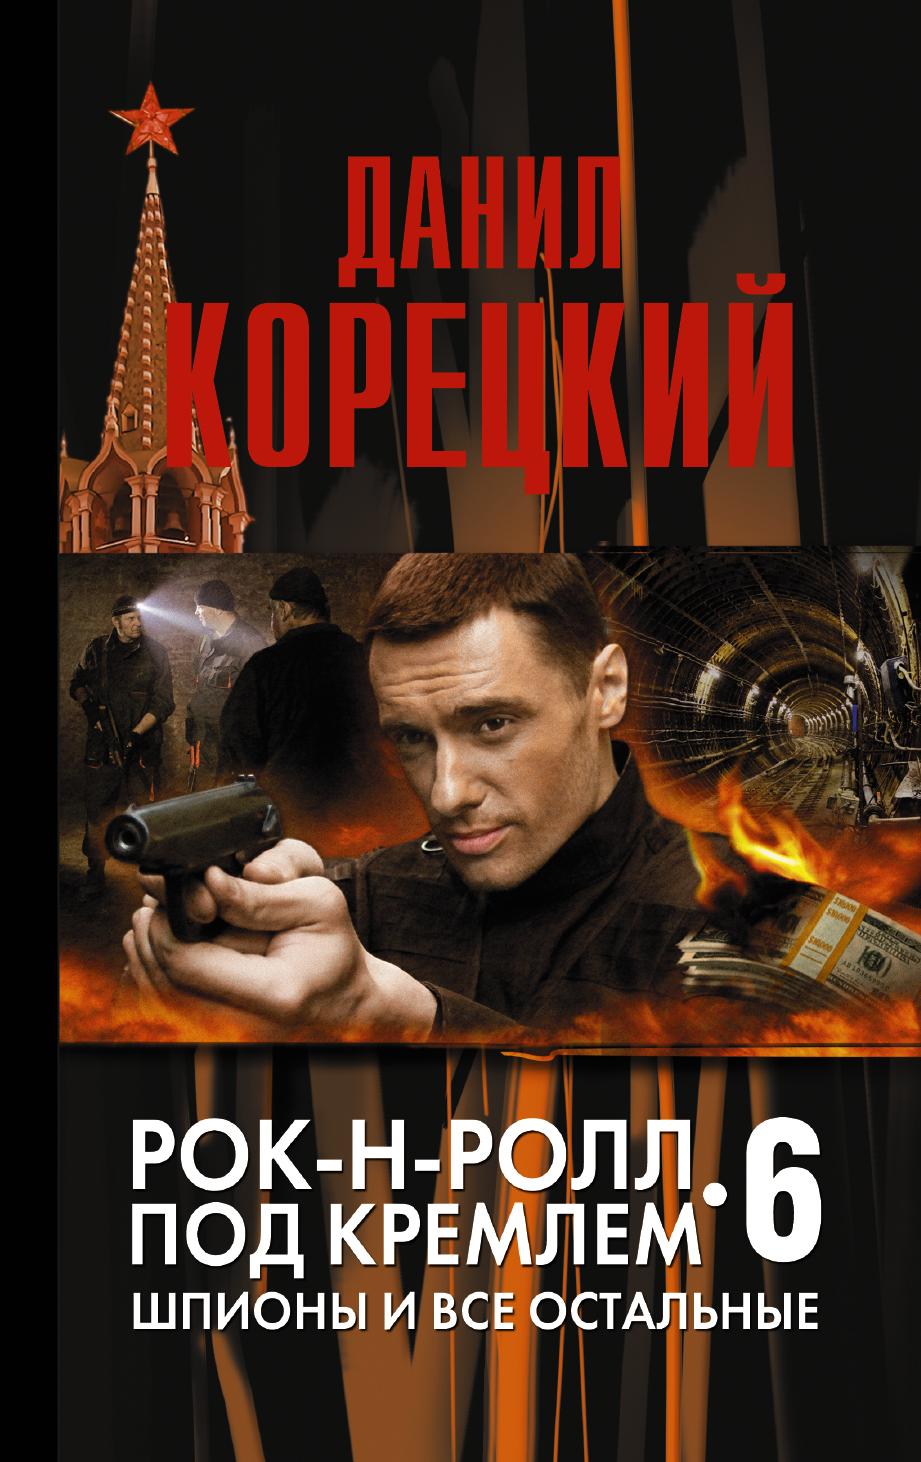 Рок-н-ролл под Кремлем. Книга 6: Шпионы и все остальные. ( Корецкий Д.А.  )